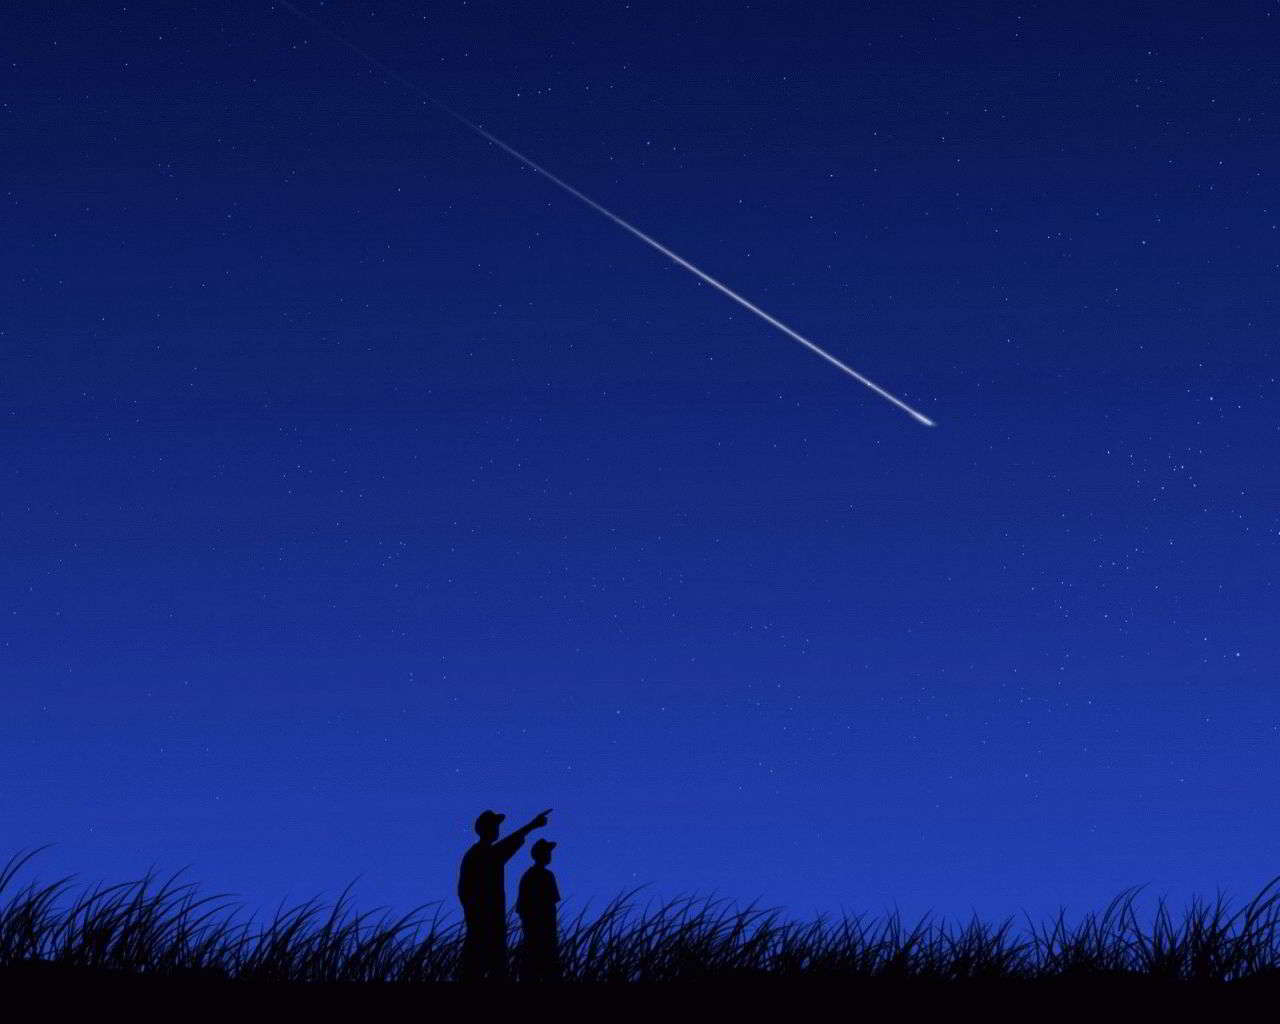 К чему снится загадывать желание на падающую звезду?